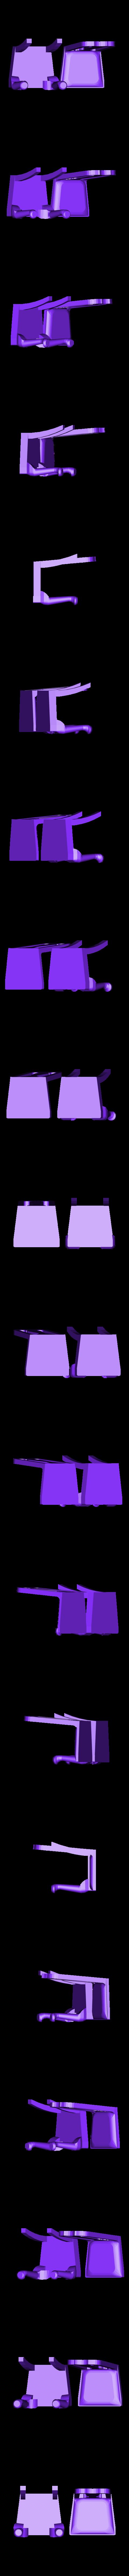 48_QA_Chair_EasyPrint.stl Télécharger fichier STL gratuit 1 h 48 Chaise Queen Anne • Modèle imprimable en 3D, gabutoillegna56